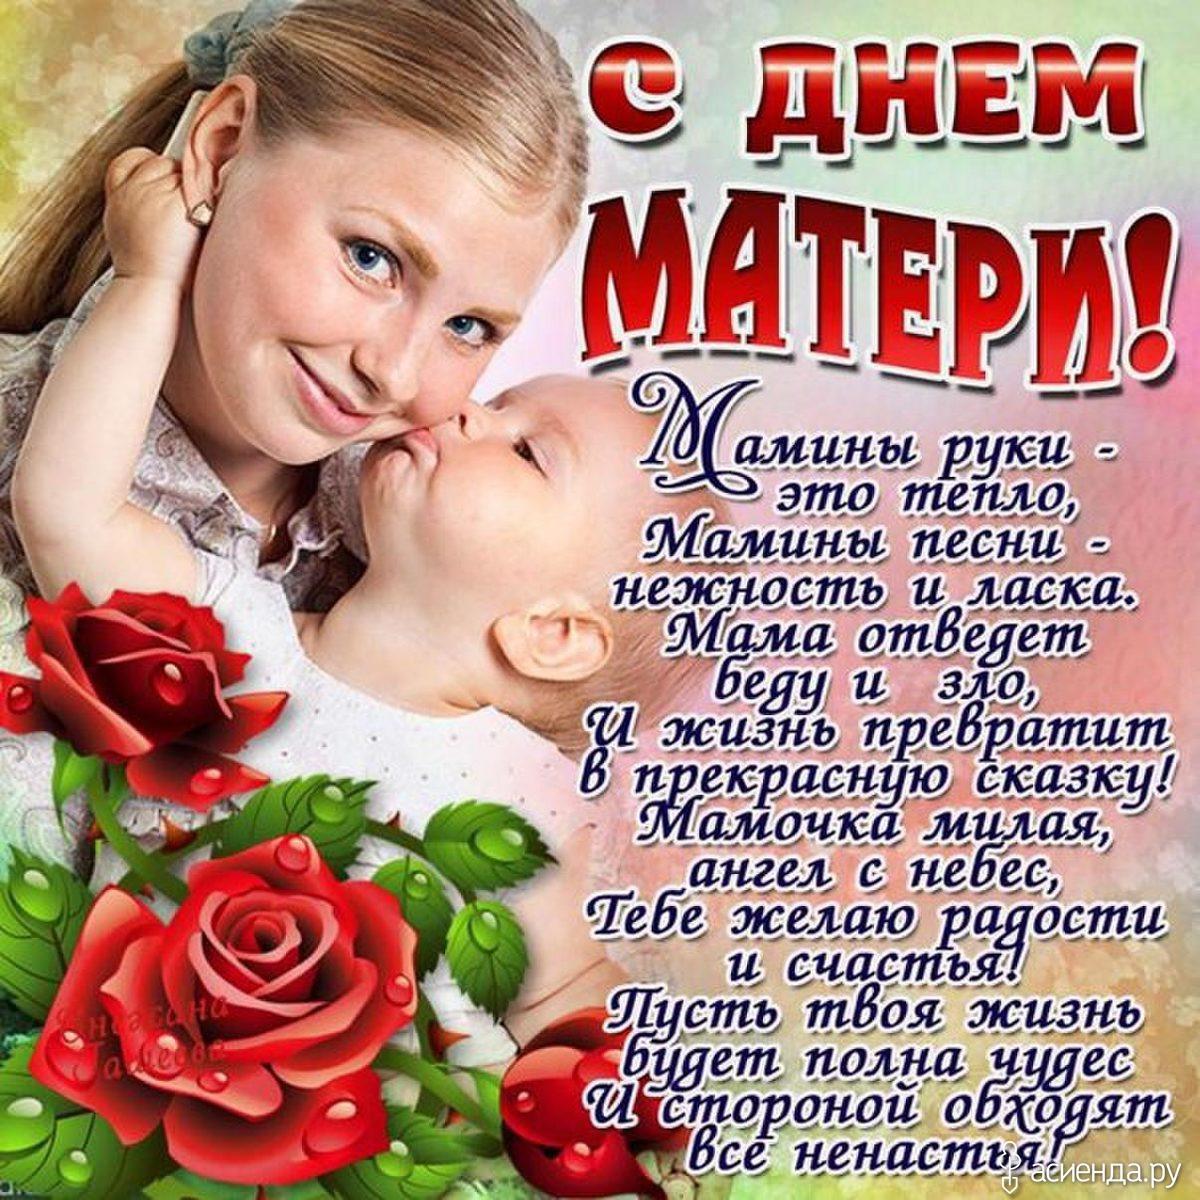 C:\Users\papa\Desktop\s_dnjom_materi_milaja_mamin_dom.jpg